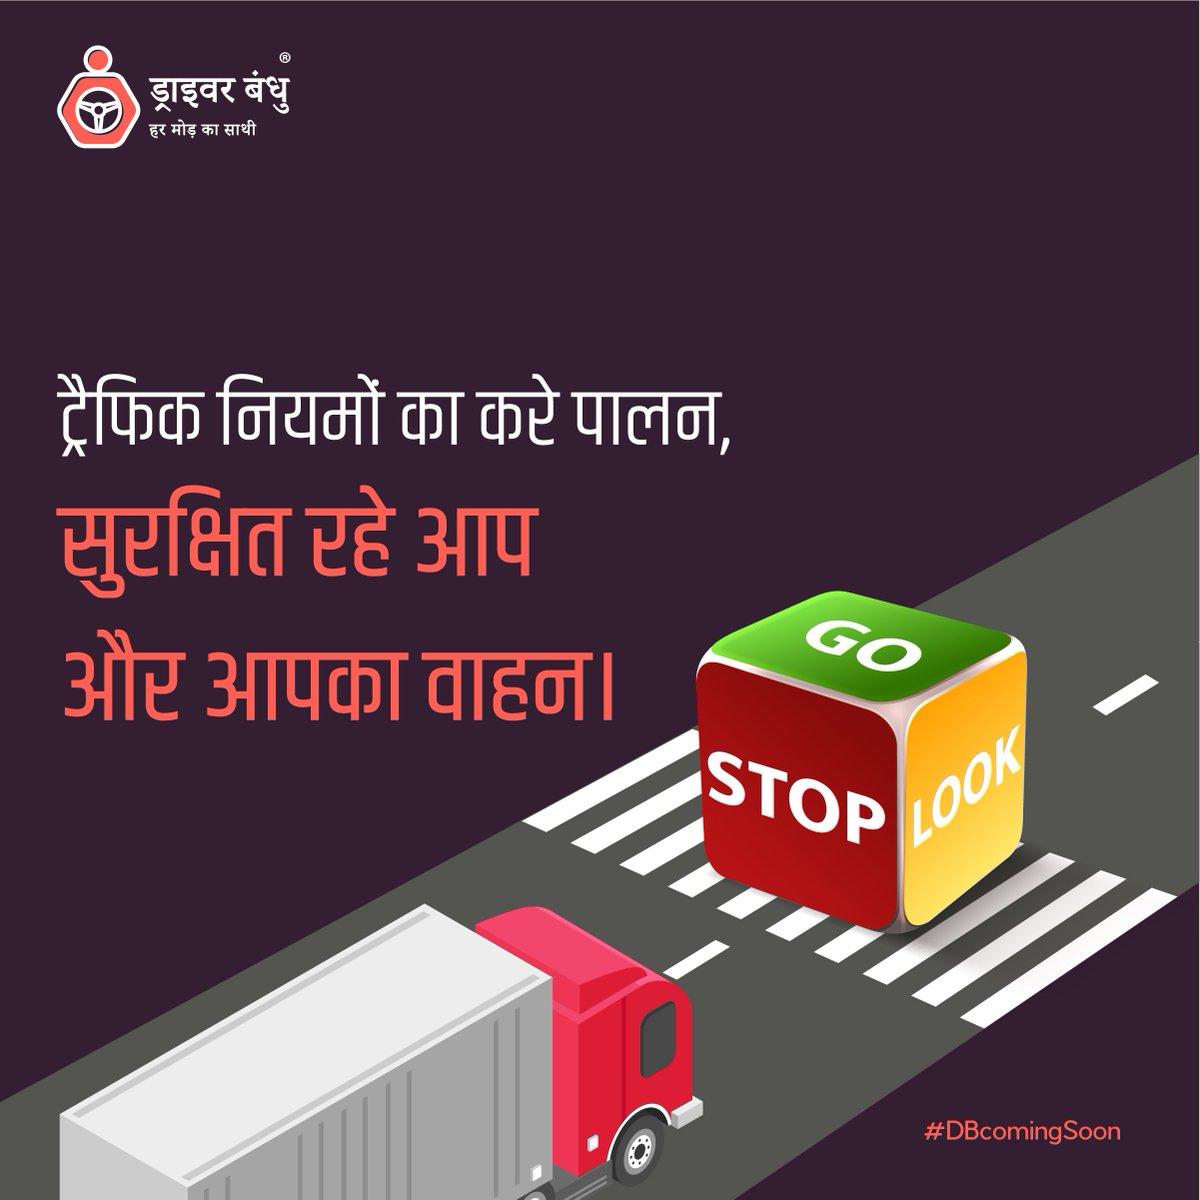 ट्रैफिक नियमों का करे पालन, सुरक्षित रहे आप और आपका वाहन।हमारी सुरक्षा के लिए ट्रैफिक नियम बनाए गए हैं। हम नियमों का पालन करके बहुत सारी दुर्घटनाओं को रोक सकते हैं।@Road_Safety_Ind @savelifeindia @gvk_roadsafety #DriverBandhu4Drivers#MotorVehiclesAct19 #ResponsibleDriving